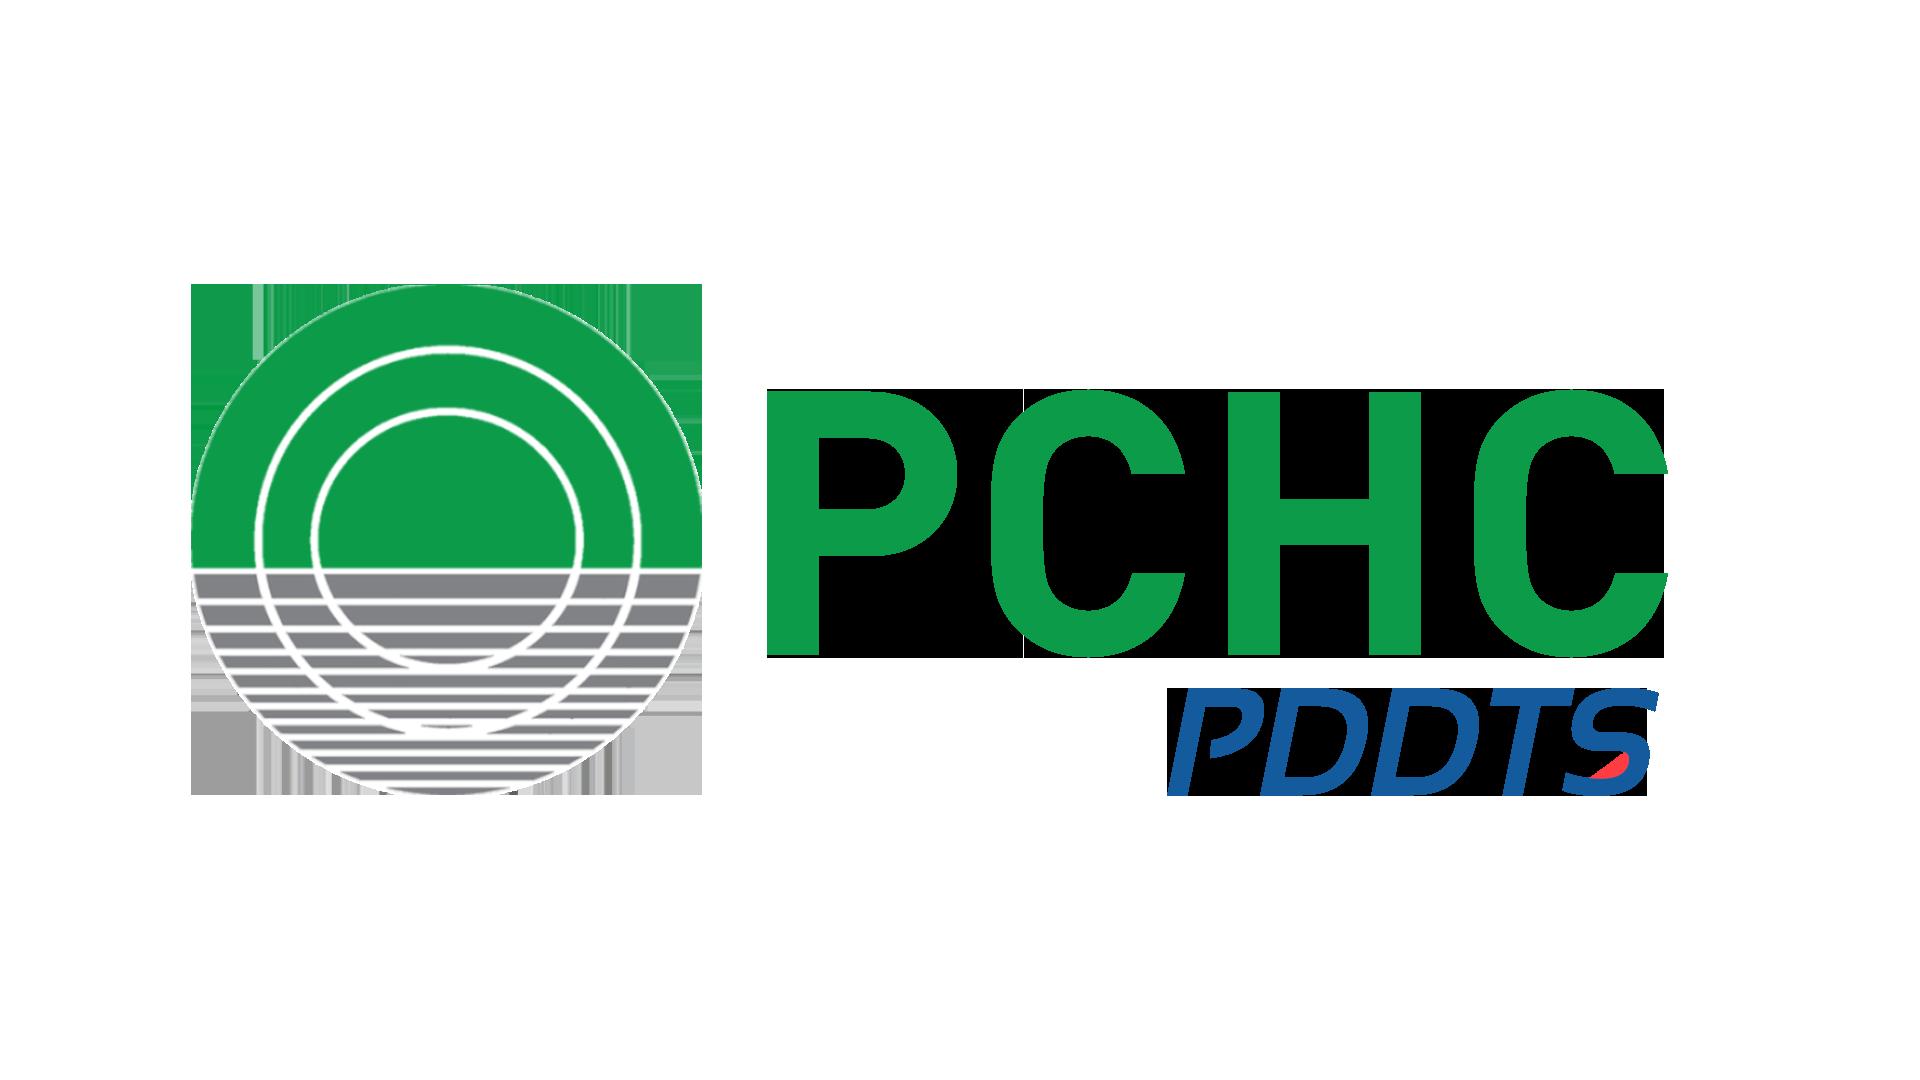 PDDTS